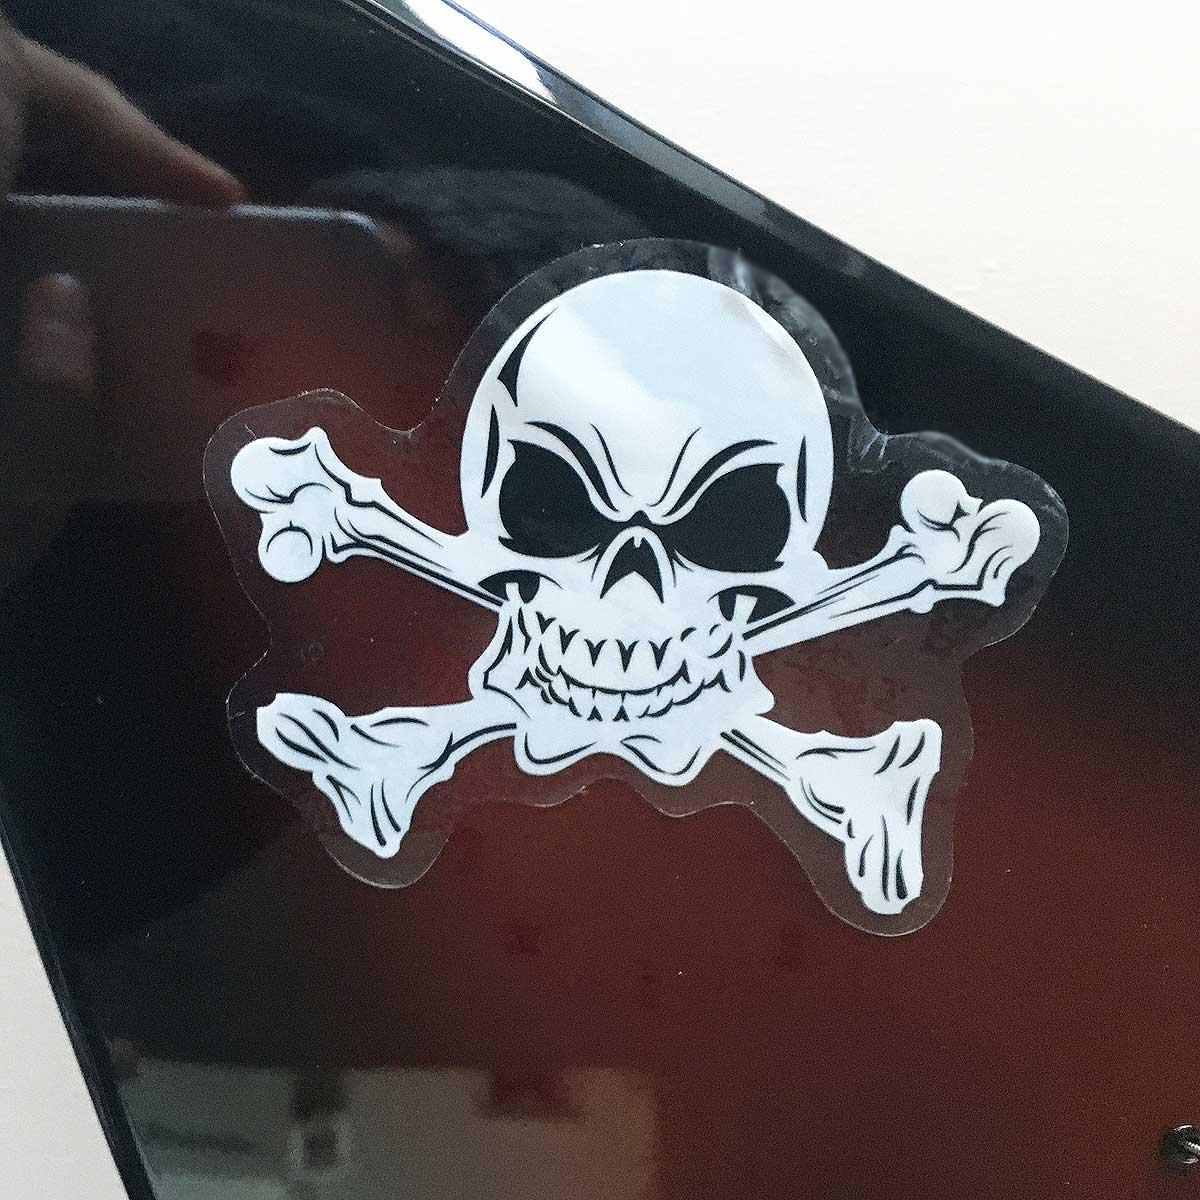 Skull and Crossbones Guitar Sticker